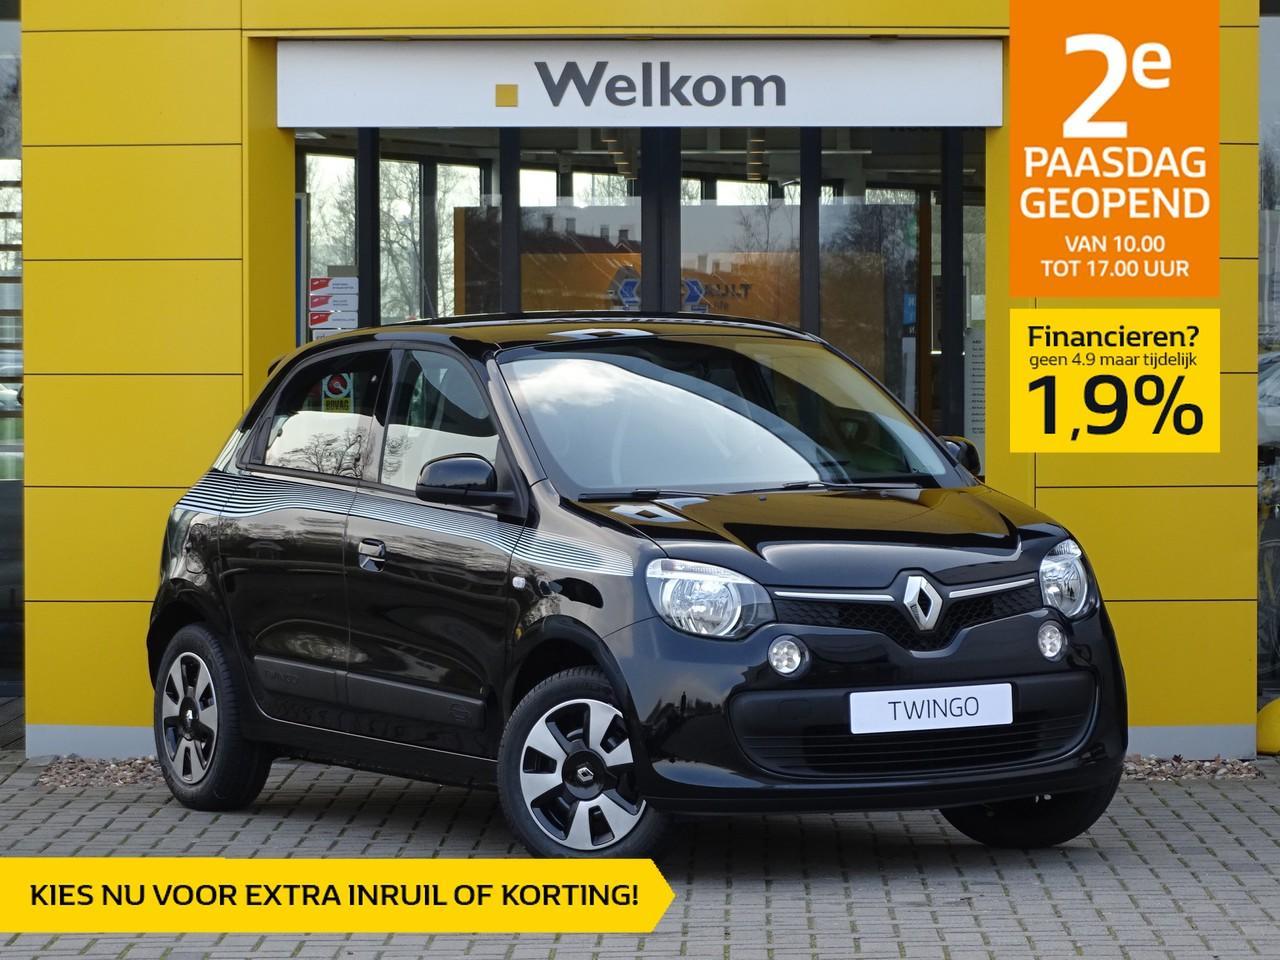 Renault Twingo Sce 70pk collection normaal rijklaar 15.765,- nu rijklaar 14.465,-